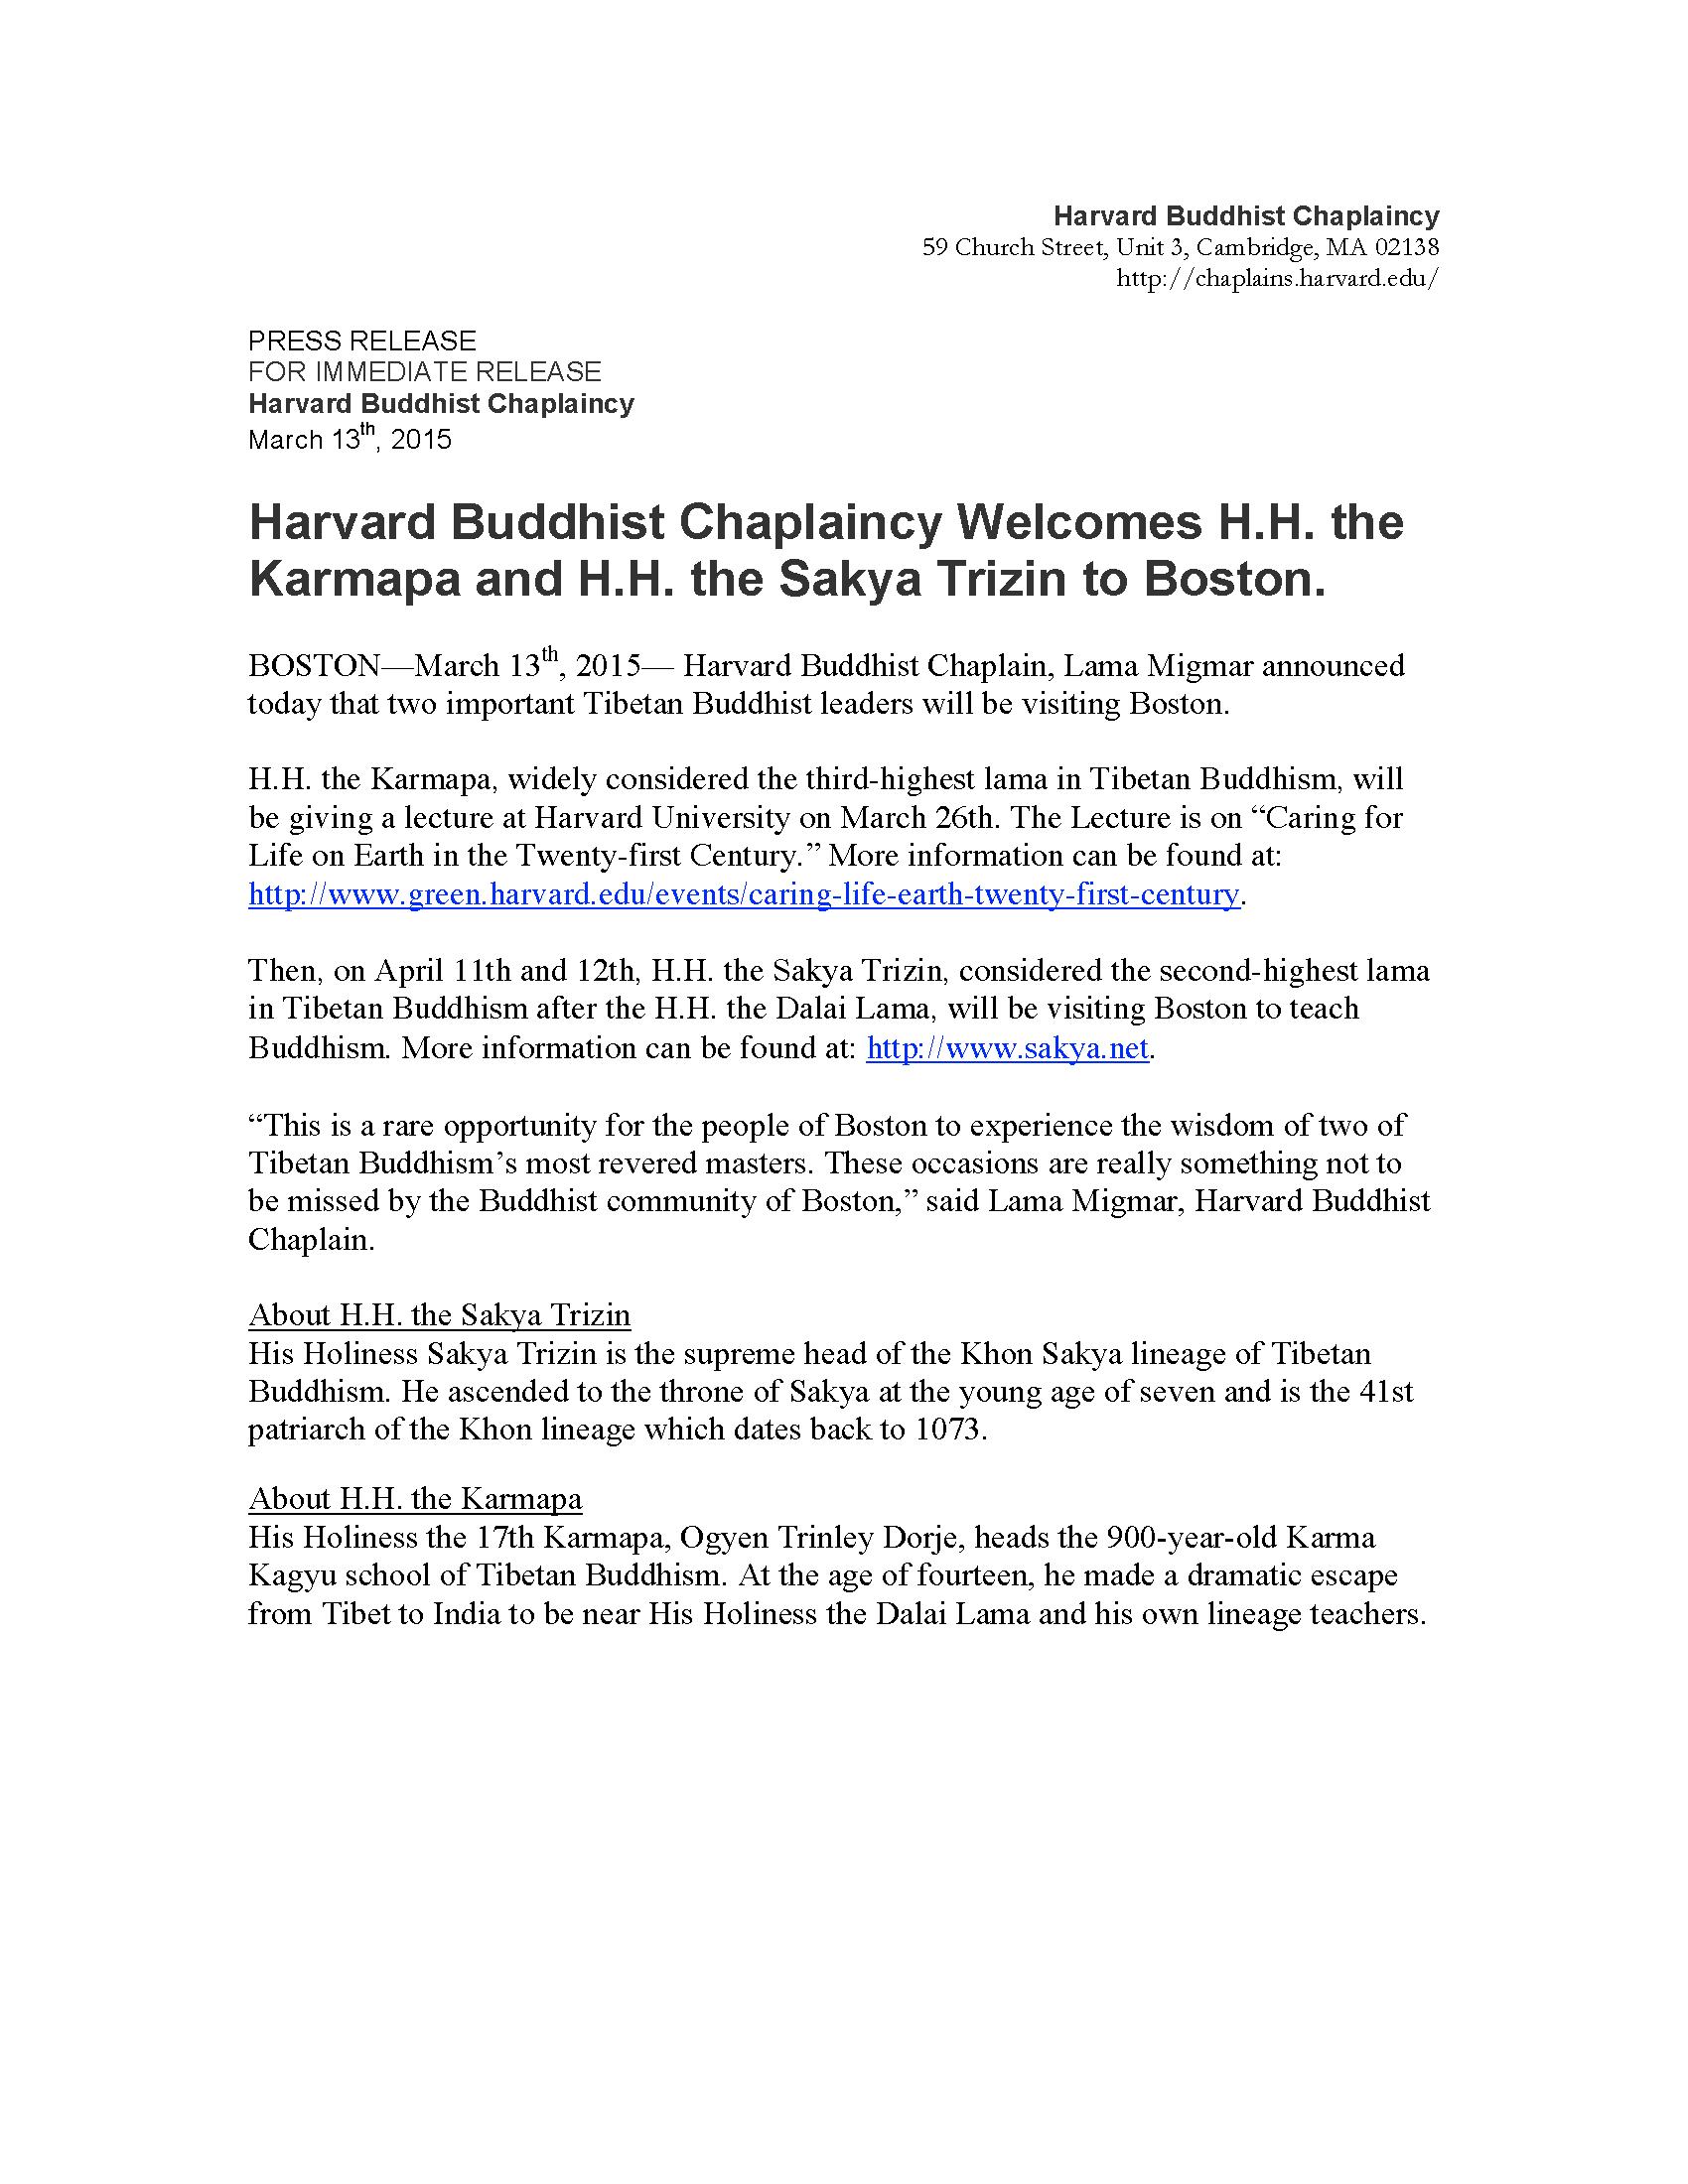 Press Release 2015 1